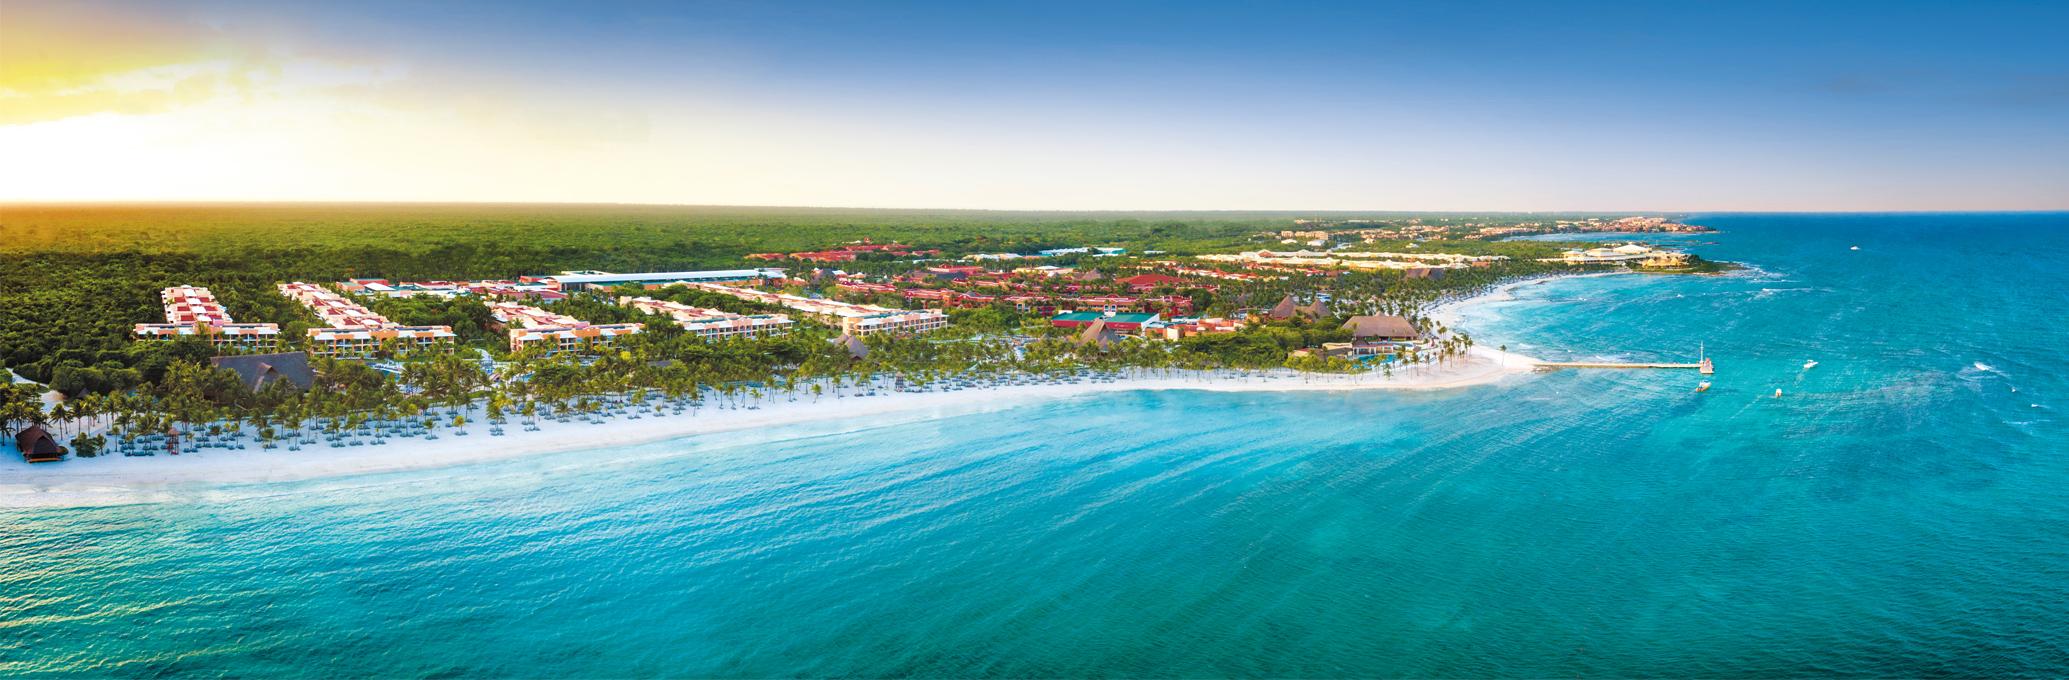 Riviera Maya hotels: Barceló Maya Grand Resort